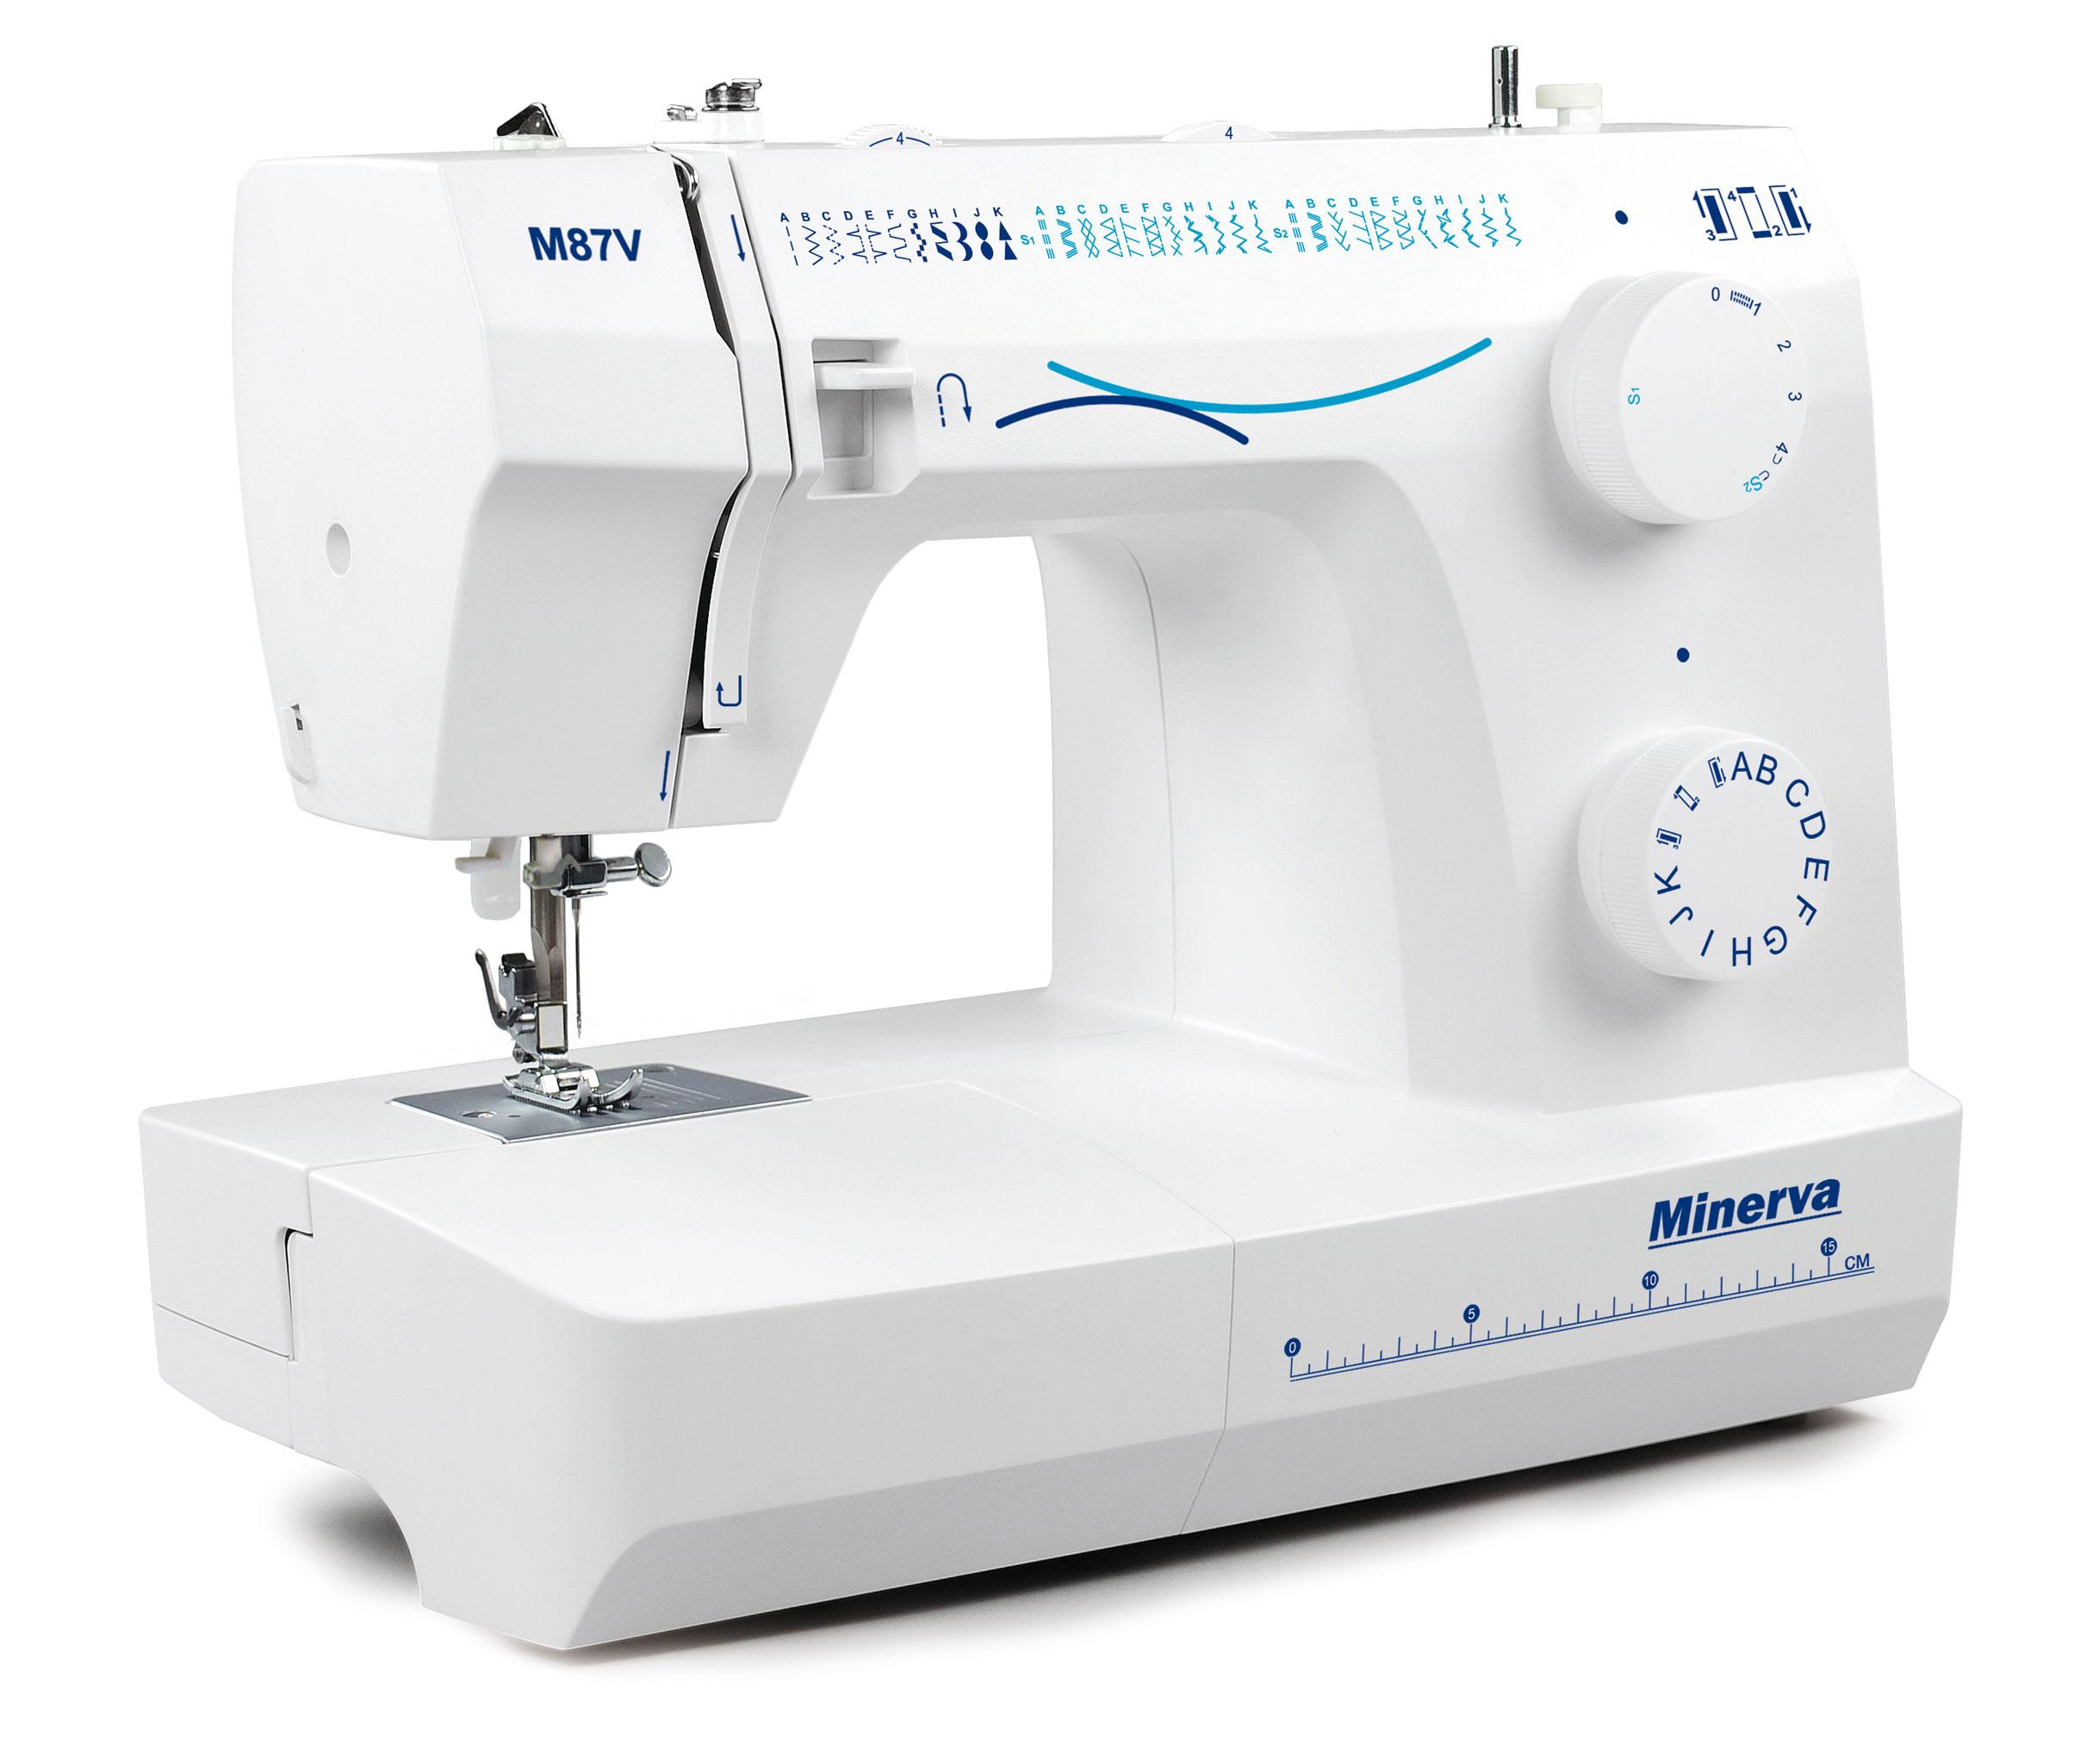 Нові моделі швейних машин Minerva - фото 5 - новина в інтернет-магазині Sewgroup